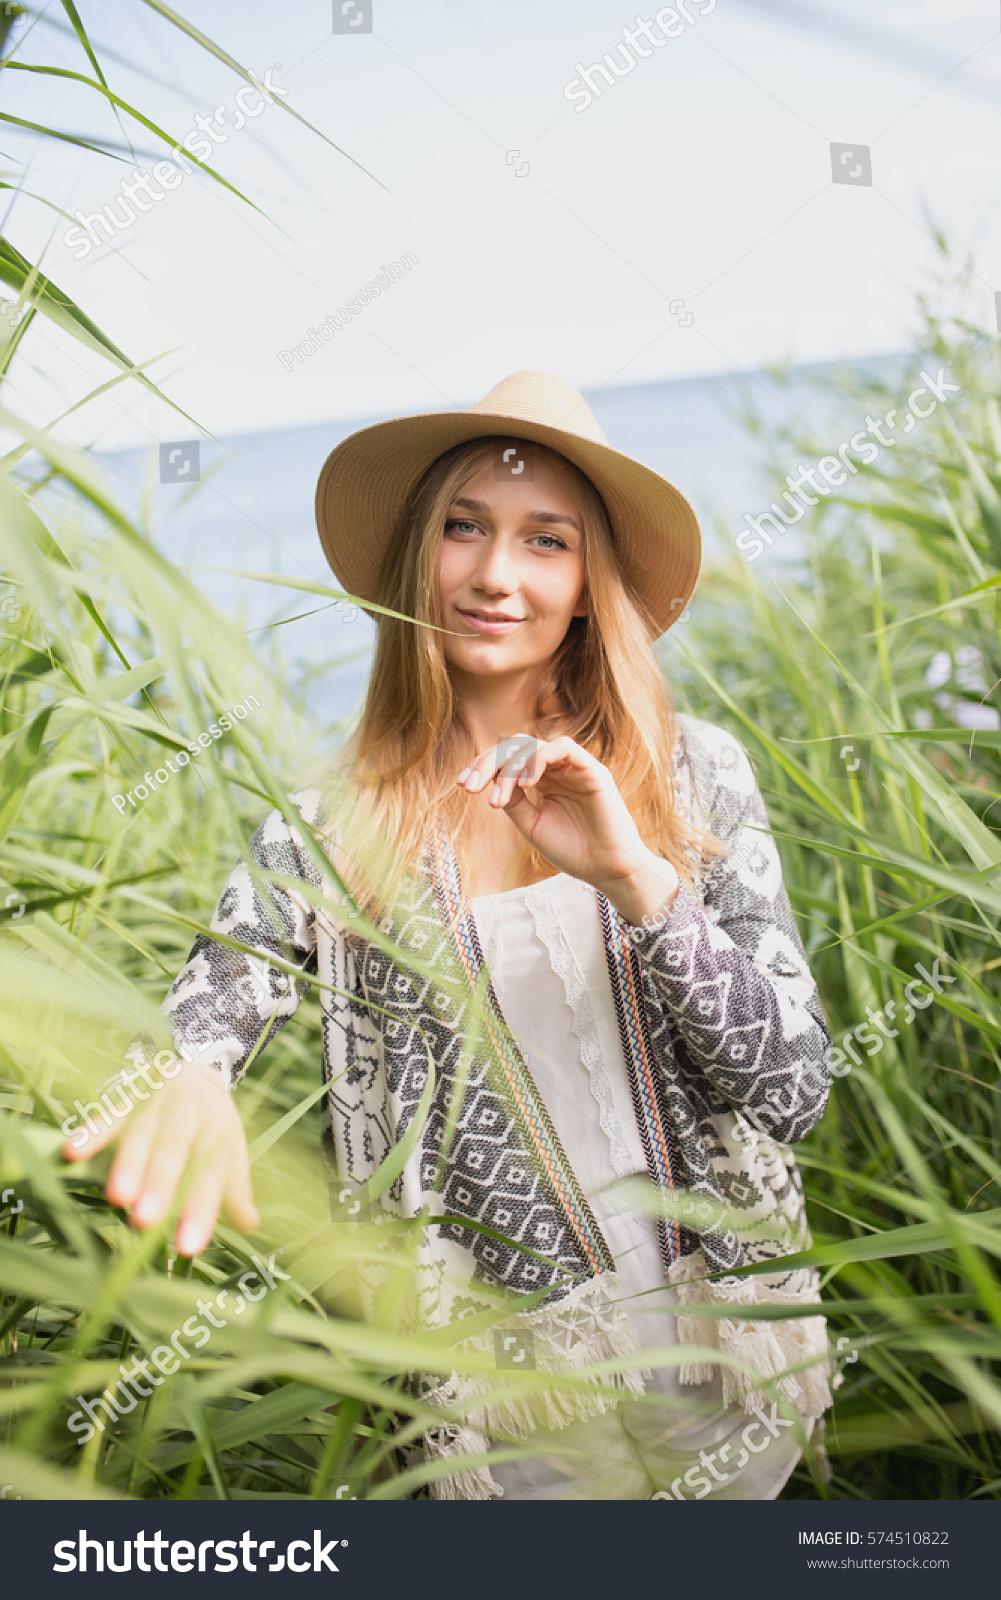 girl walking high grass stock photo edit now 574510822 shutterstock